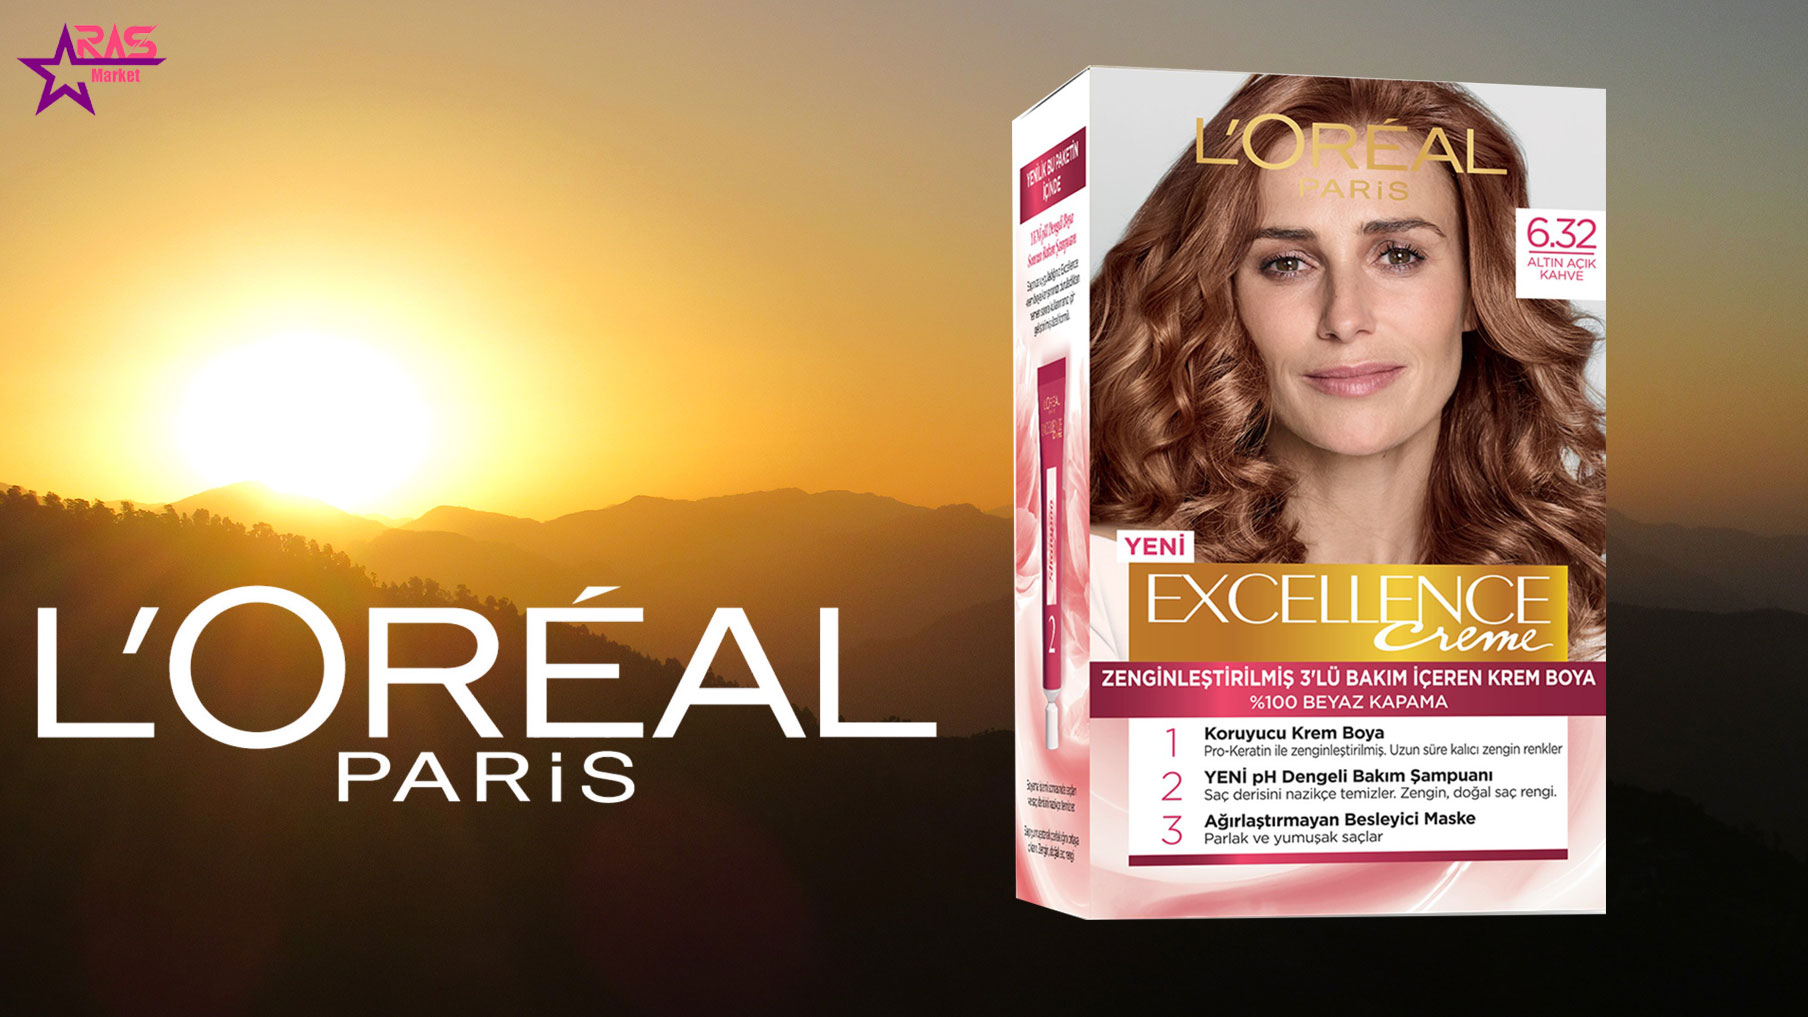 کیت رنگ مو لورآل سری Excellence شماره 6.32 ، خرید اینترنتی محصولات شوینده و بهداشتی ، بهداشت بانوان